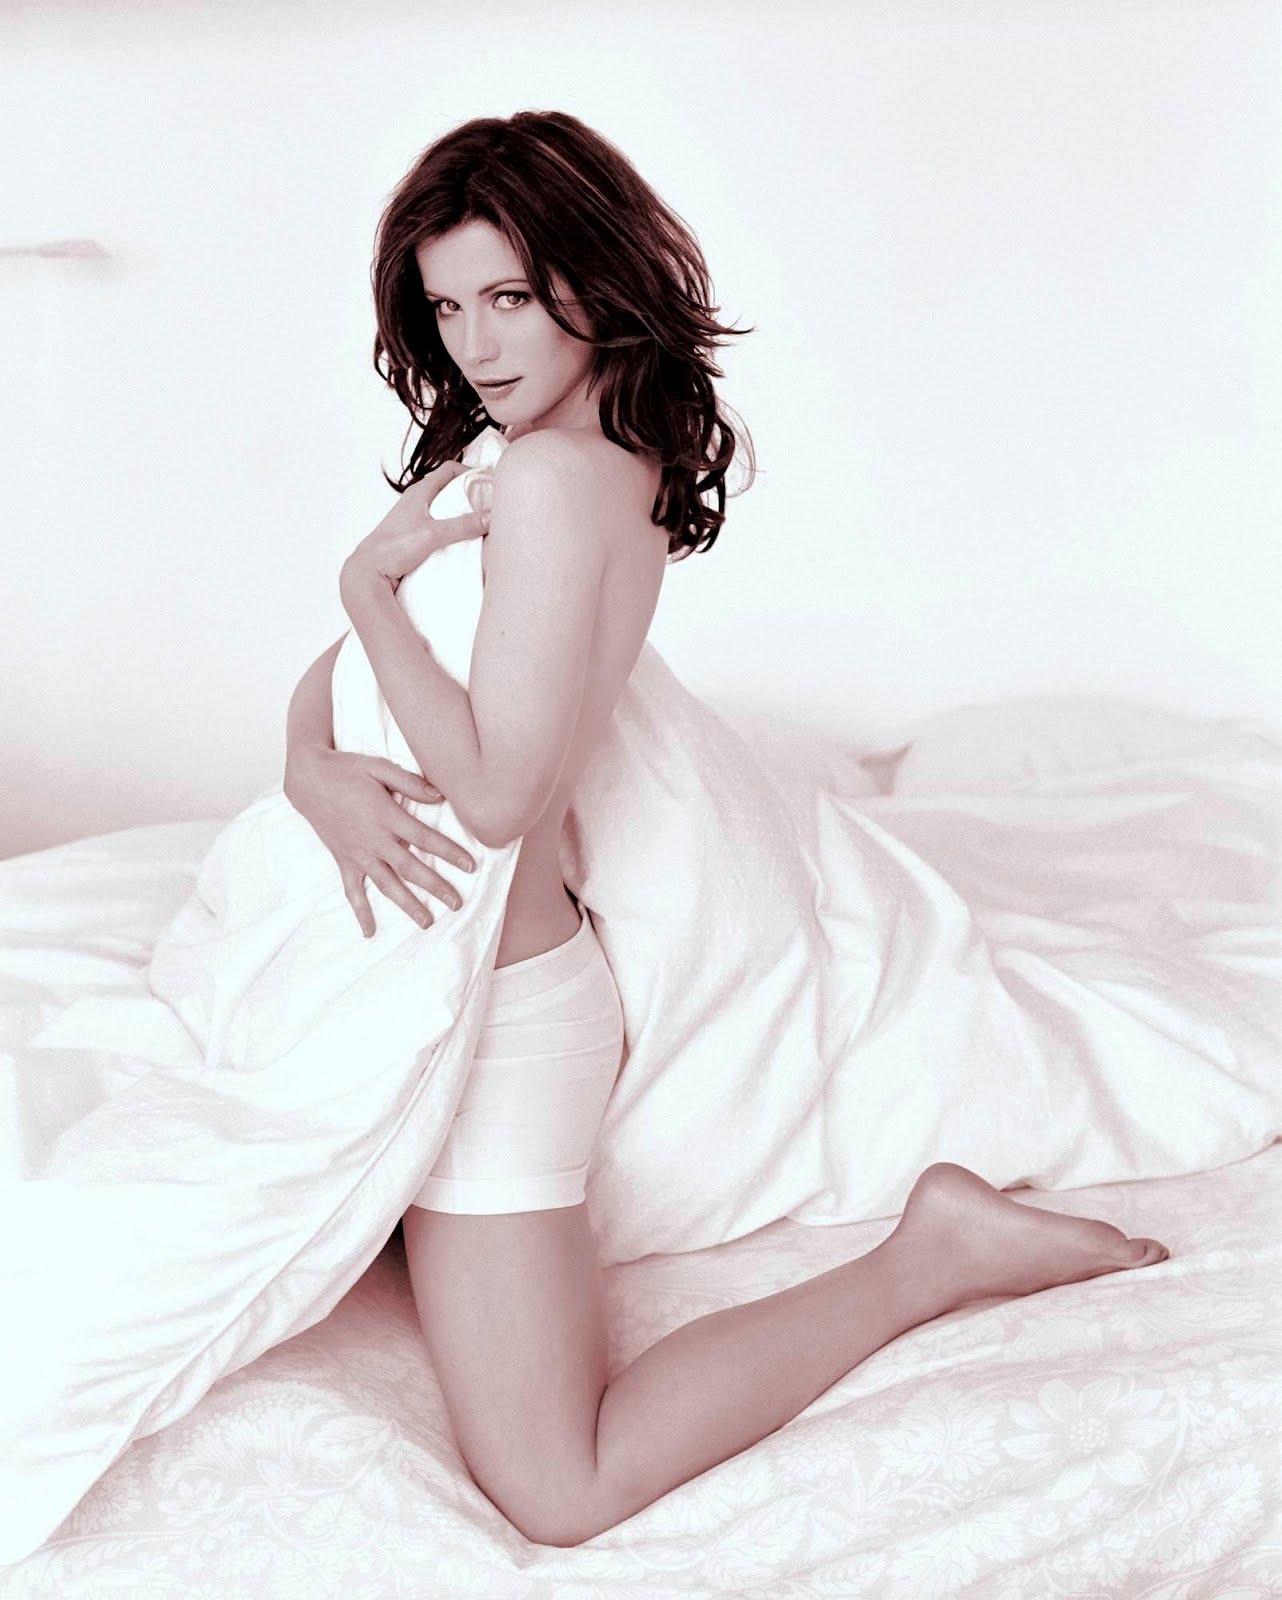 http://4.bp.blogspot.com/-VHyxOt5bcd8/Txb-8KfzinI/AAAAAAAAAlc/xXkkKCRASUo/s1600/Kate-Beckinsale-Black-White-hot-2012-02.jpg